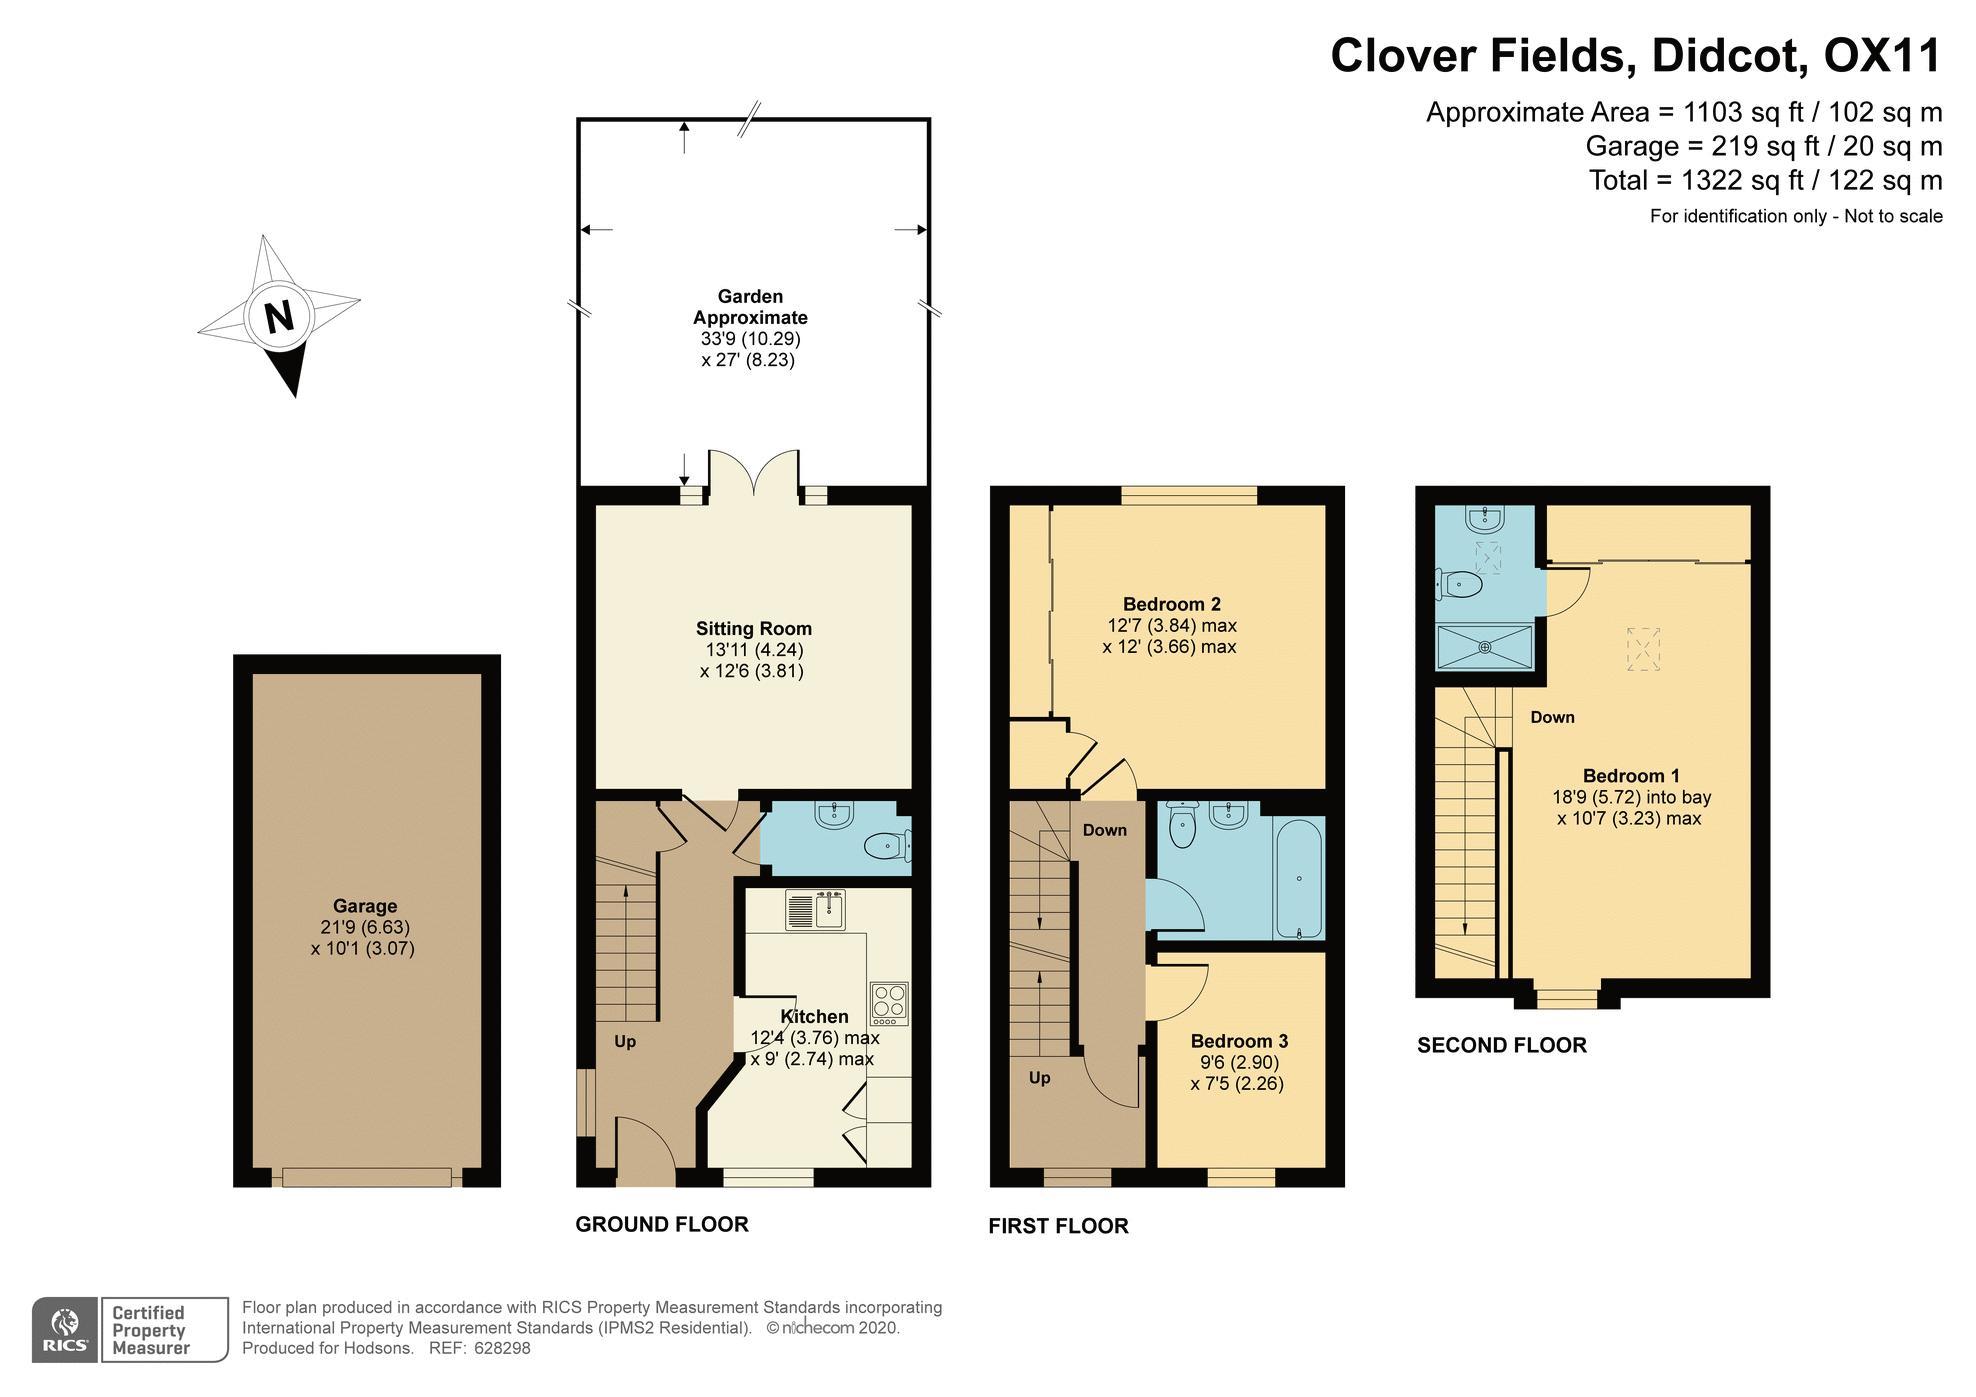 Clover Fields